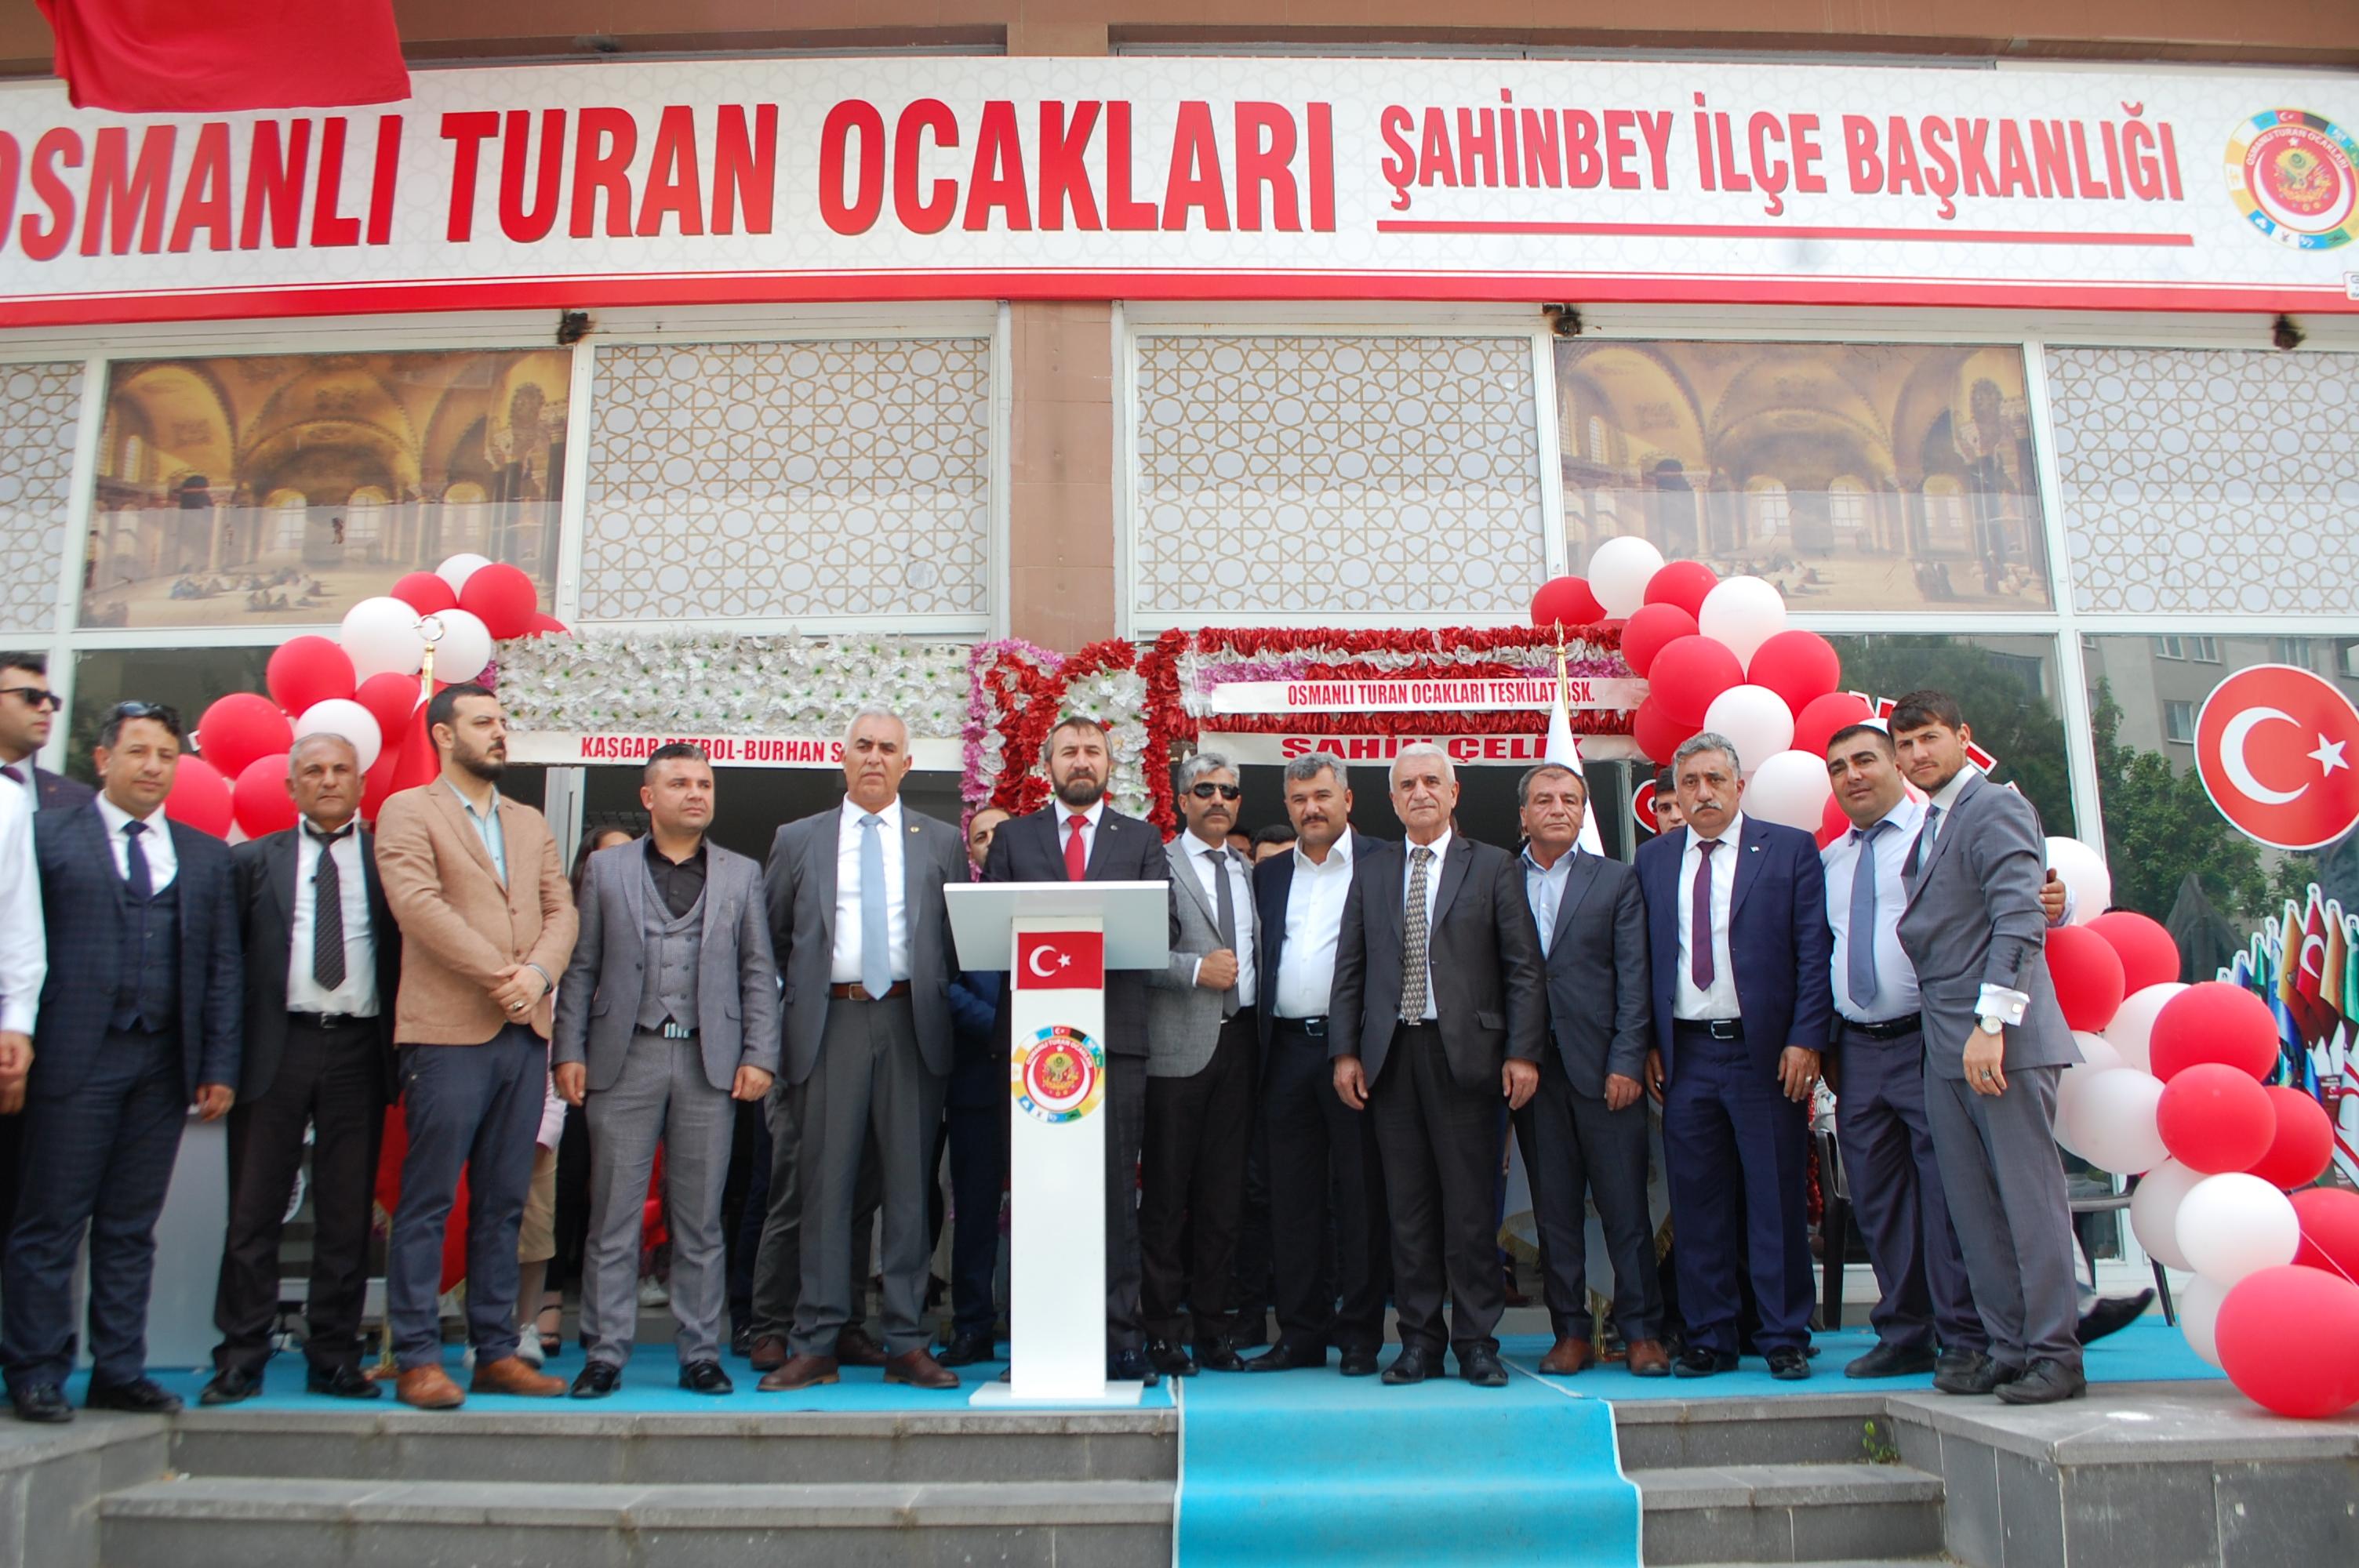 Şahinbey Osmanlı Turan Ocakları açıldı